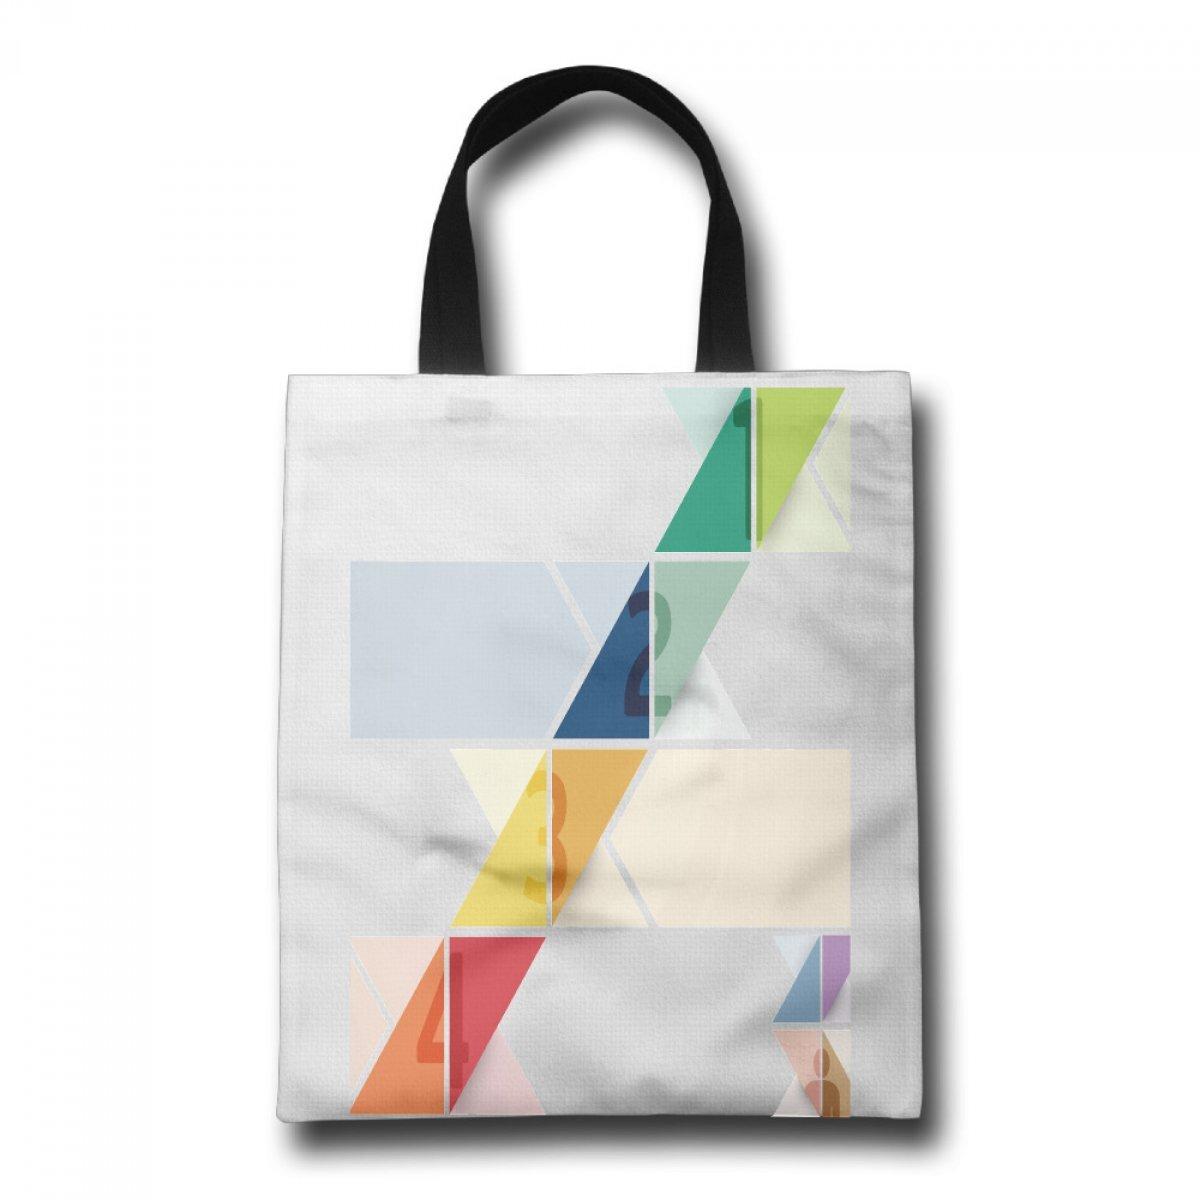 PhoRock Ladies Canvas Beach Tote Colorful Number Printed Tote Bag GWTB014 0